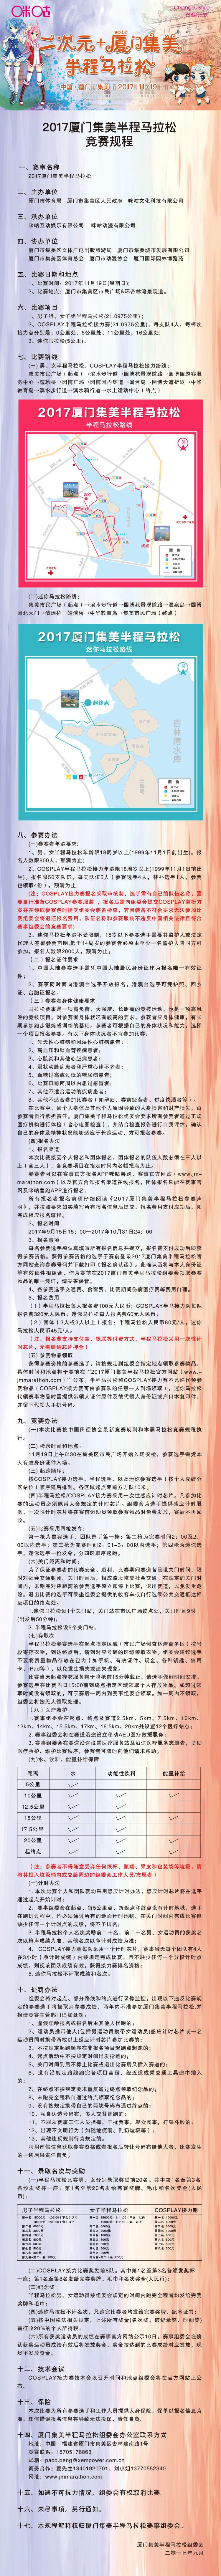 长图(小).jpg